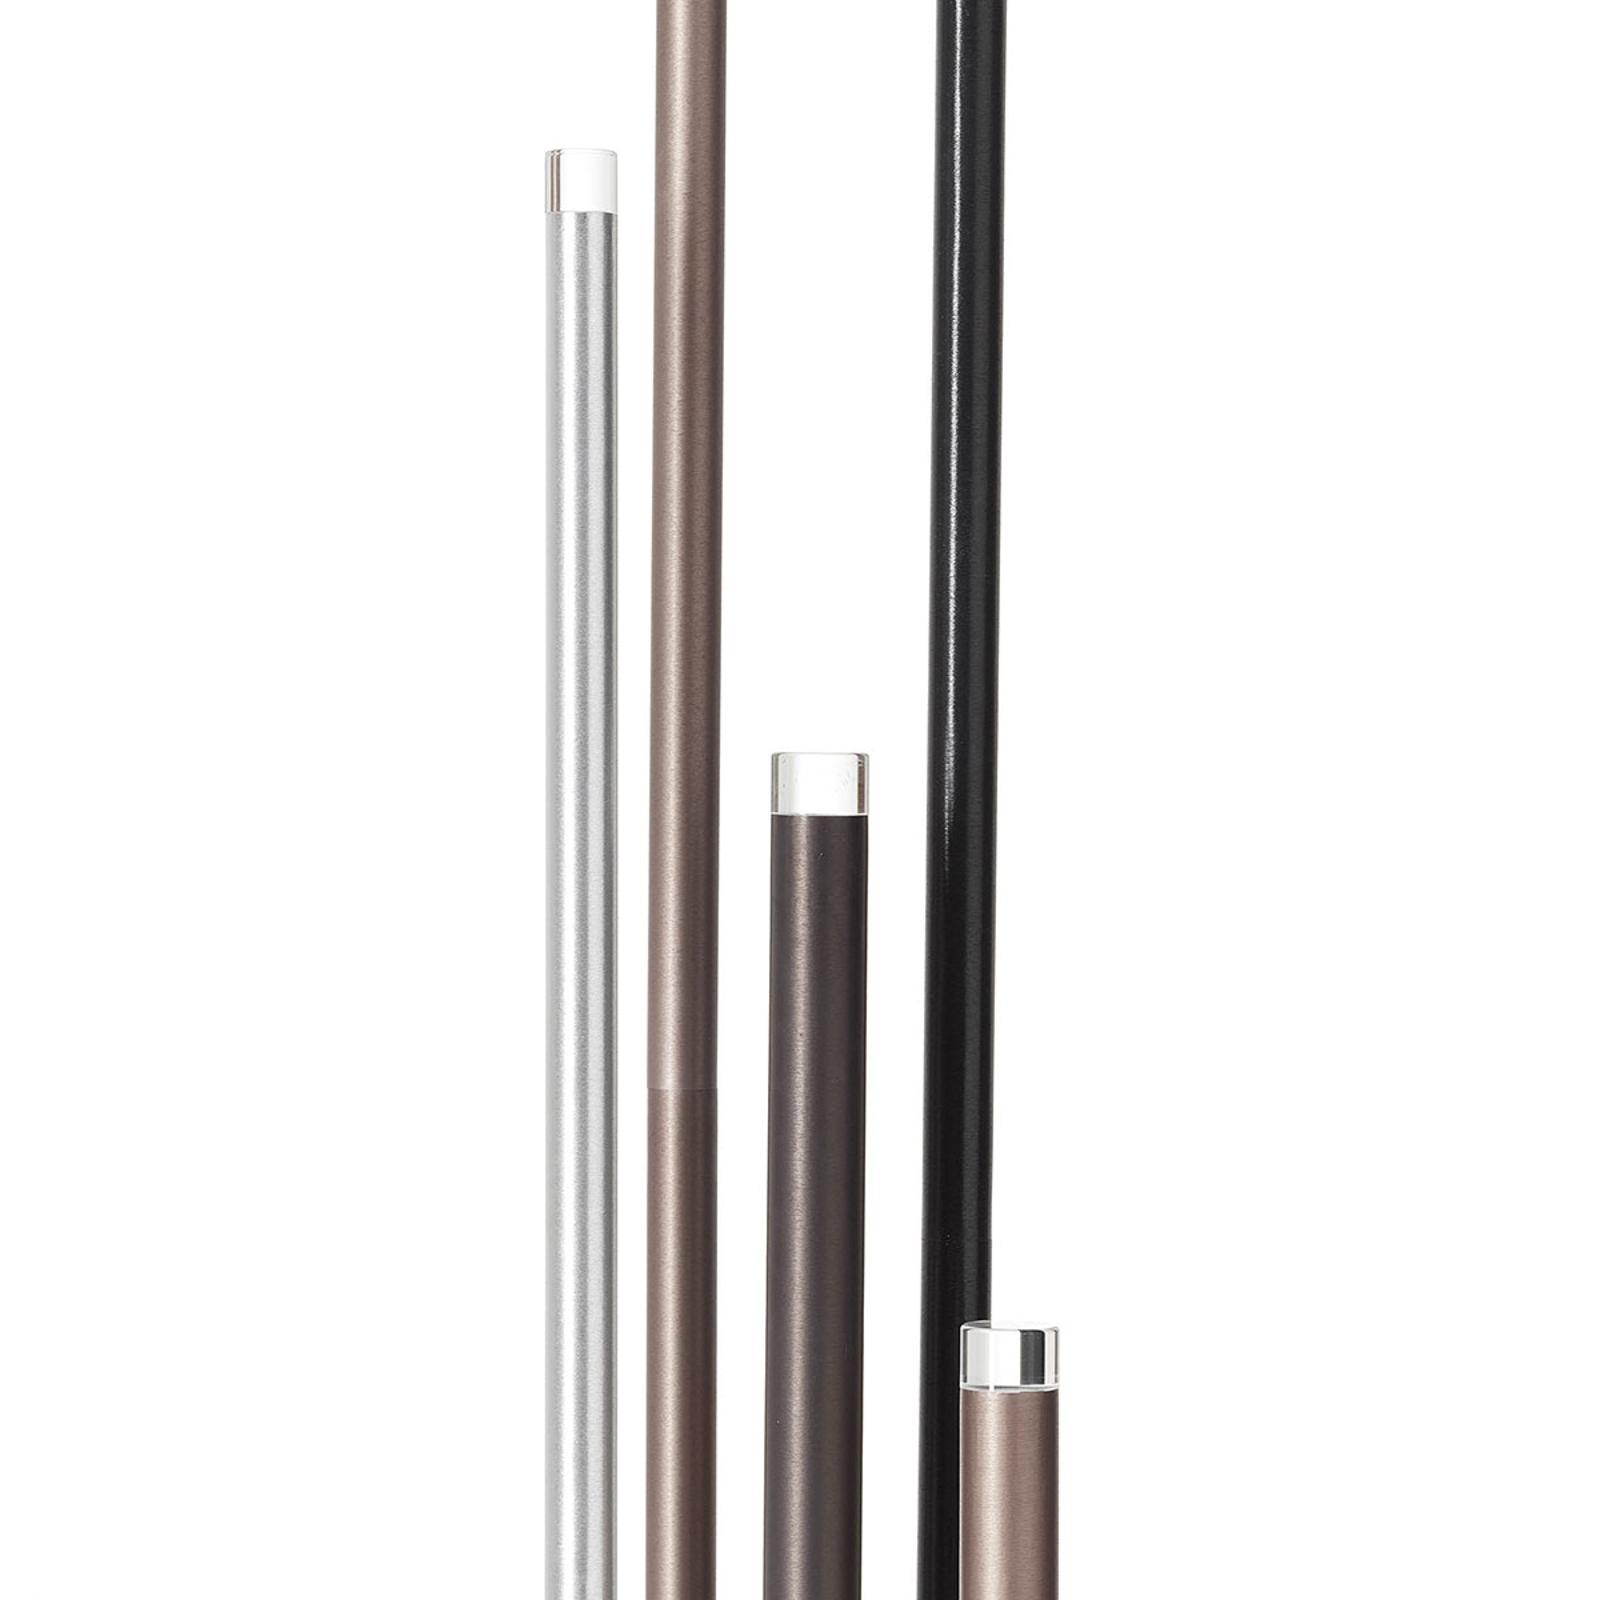 LED-Stehleuchte Cembalo 5fl mit Fußdimmer